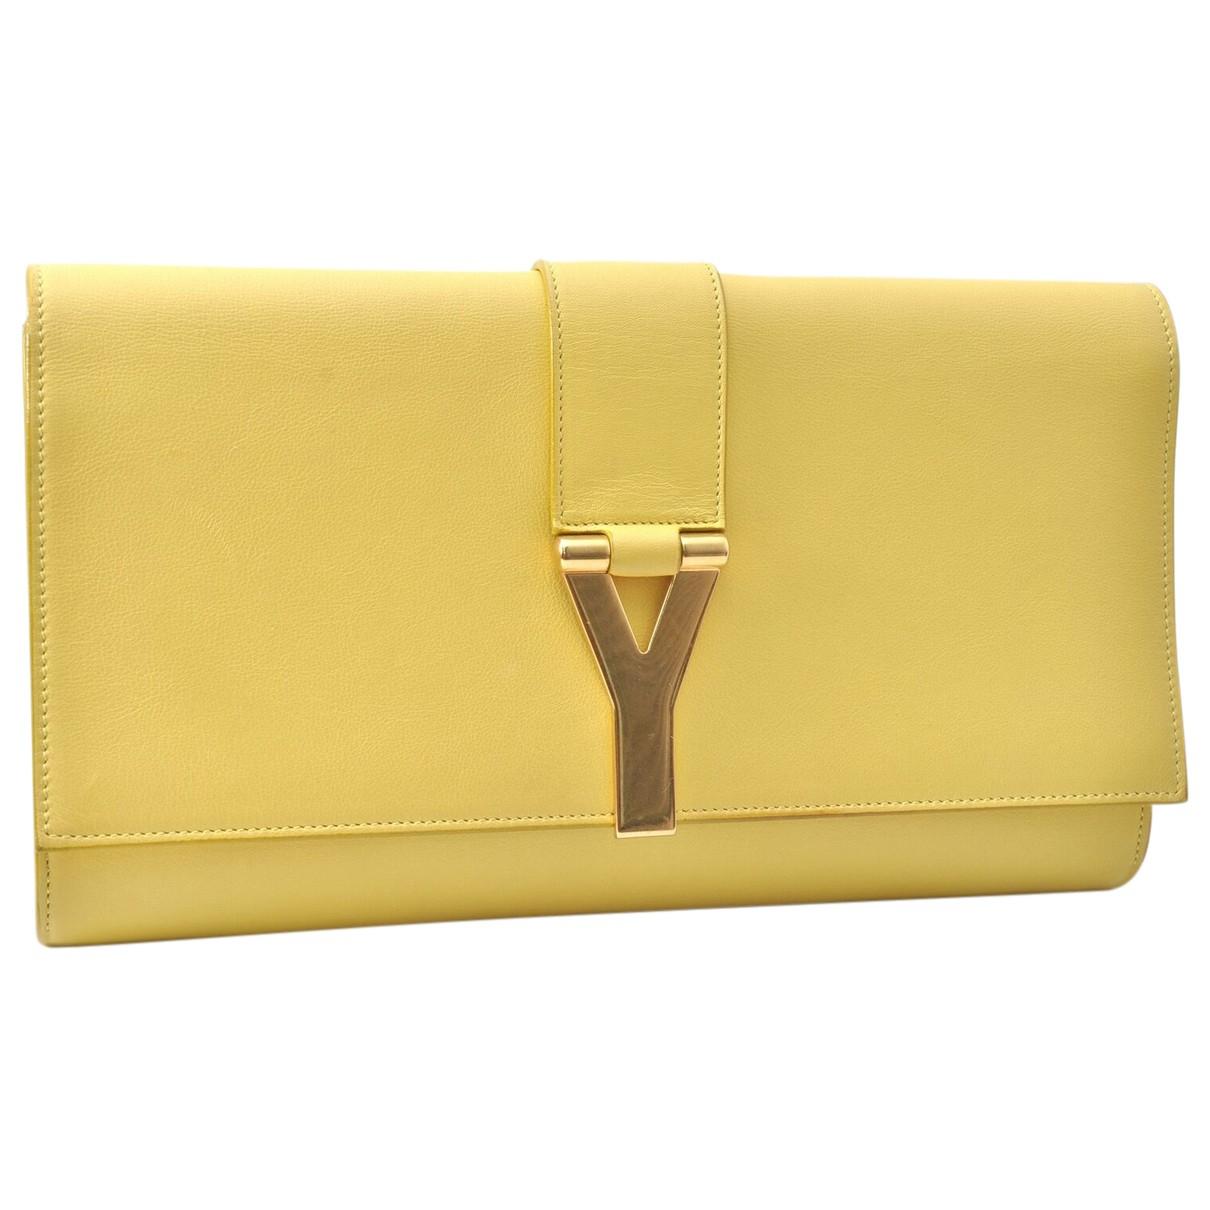 Yves Saint Laurent \N Clutch in  Gelb Leder